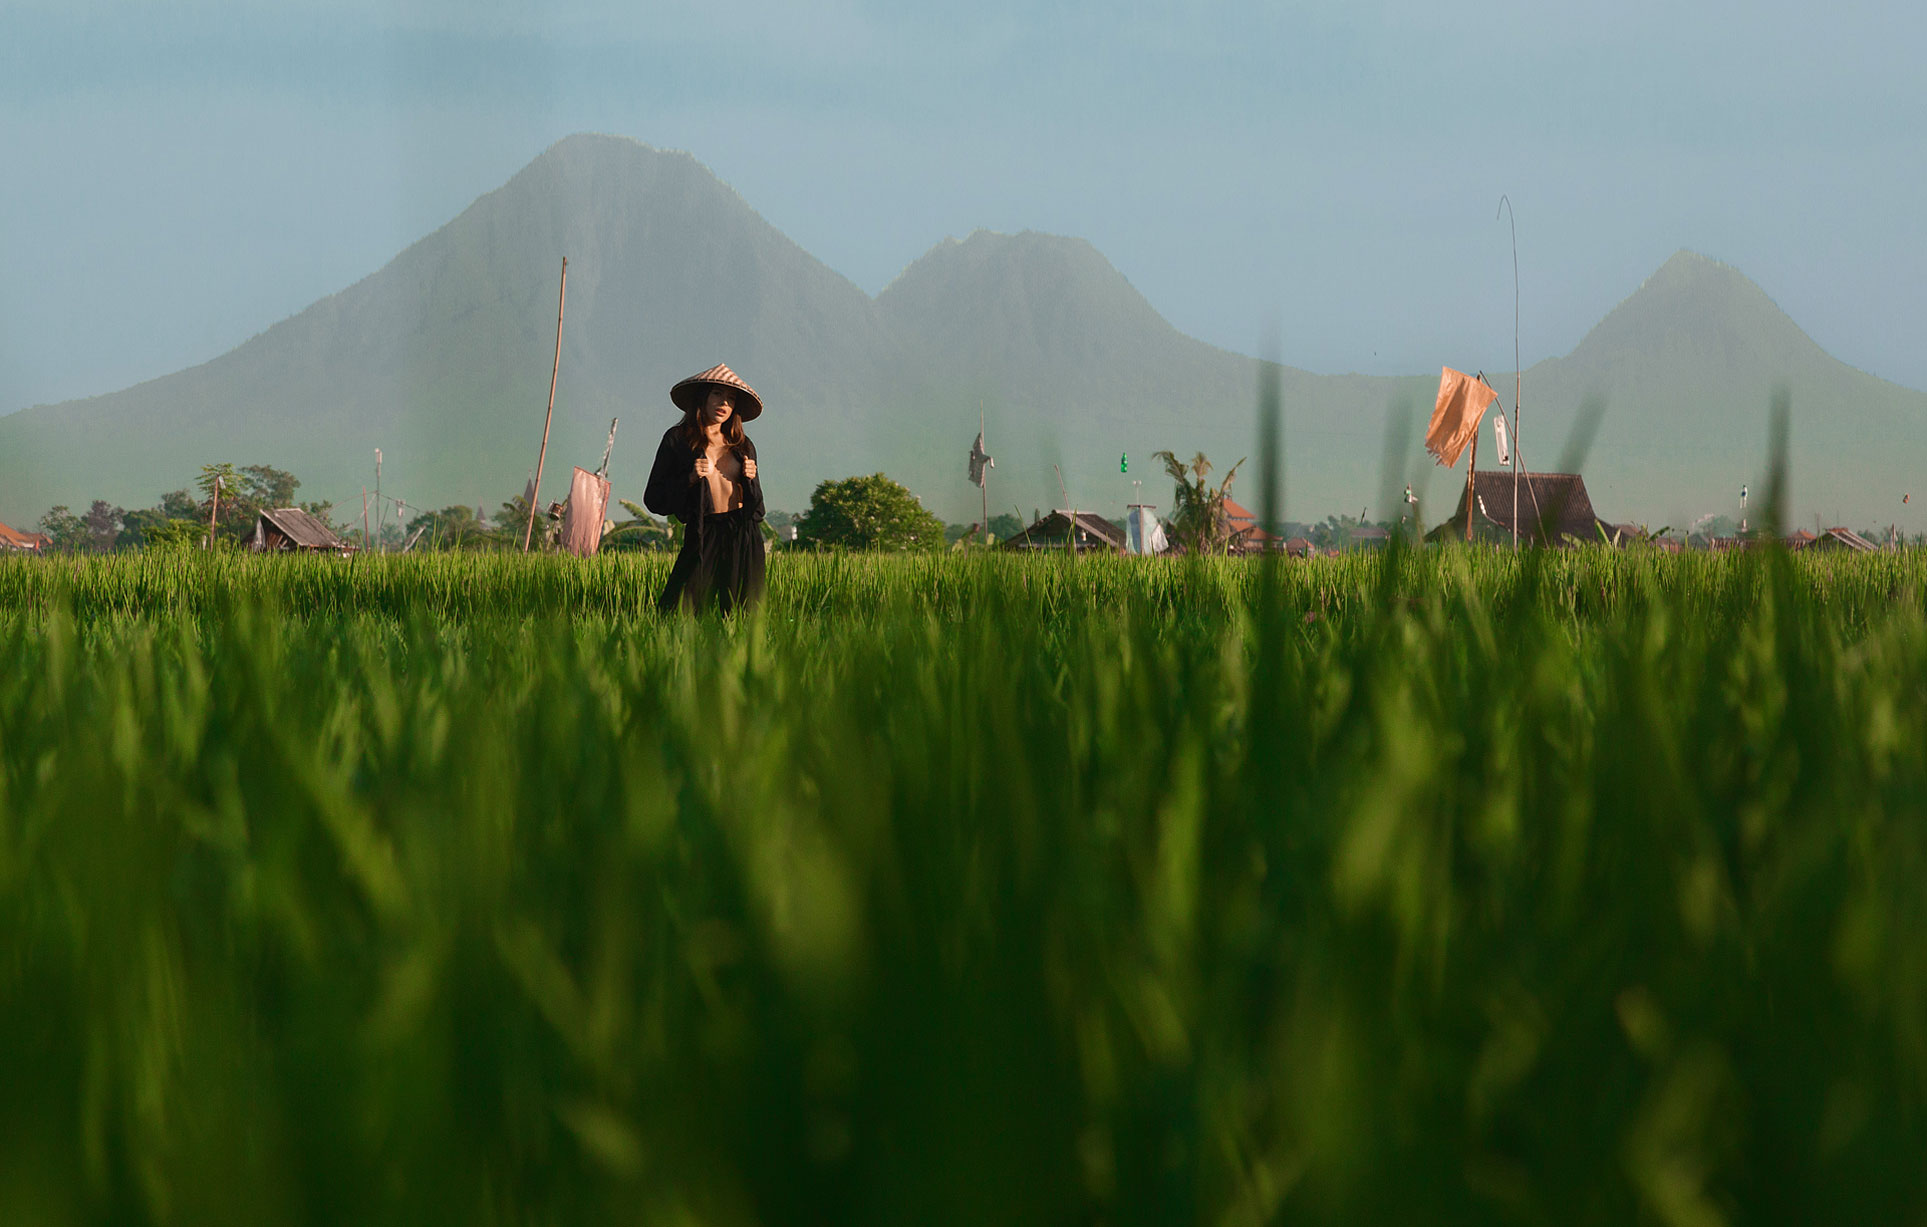 Ксения Мио во вьетнамском поле, фотограф Светлана Никонова / фото 02